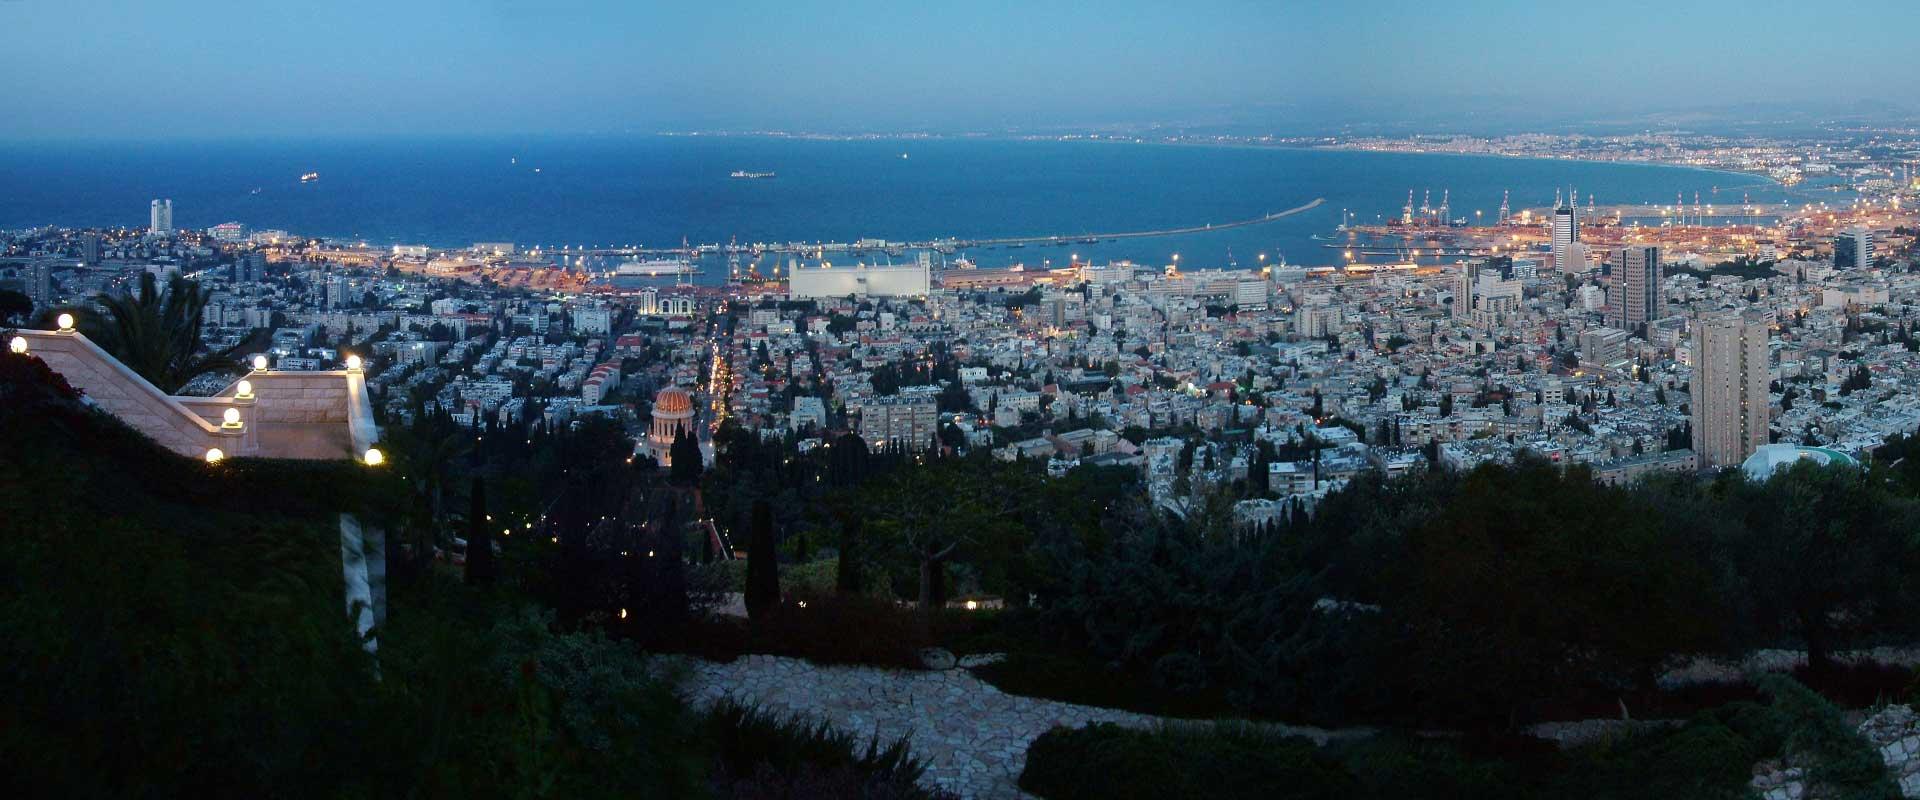 haifa-panorama-2